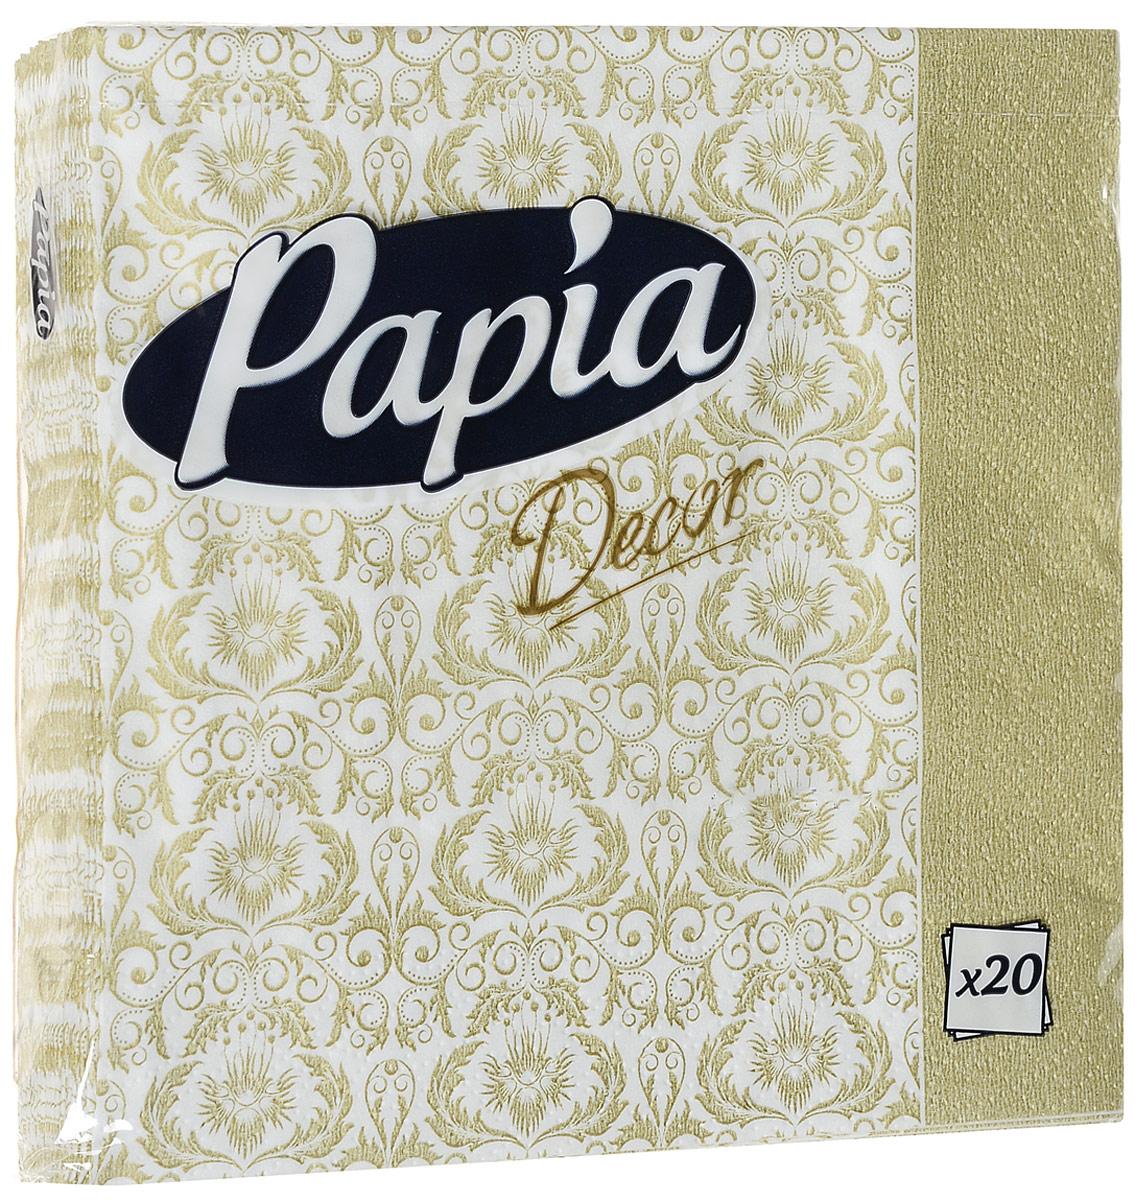 Салфетки бумажные Papia Decor, трехслойные, цвет: золотой, 33 х 33 см, 20 штTF-14AU-12Трехслойные салфетки Papia Decor, выполненные из 100% целлюлозы, оформлены красивым рисунком. Салфетки предназначены для красивой сервировки стола. Оригинальный дизайн салфеток добавит изысканности вашему столу и поднимет настроение.Размер салфеток: 33 см х 33 см.